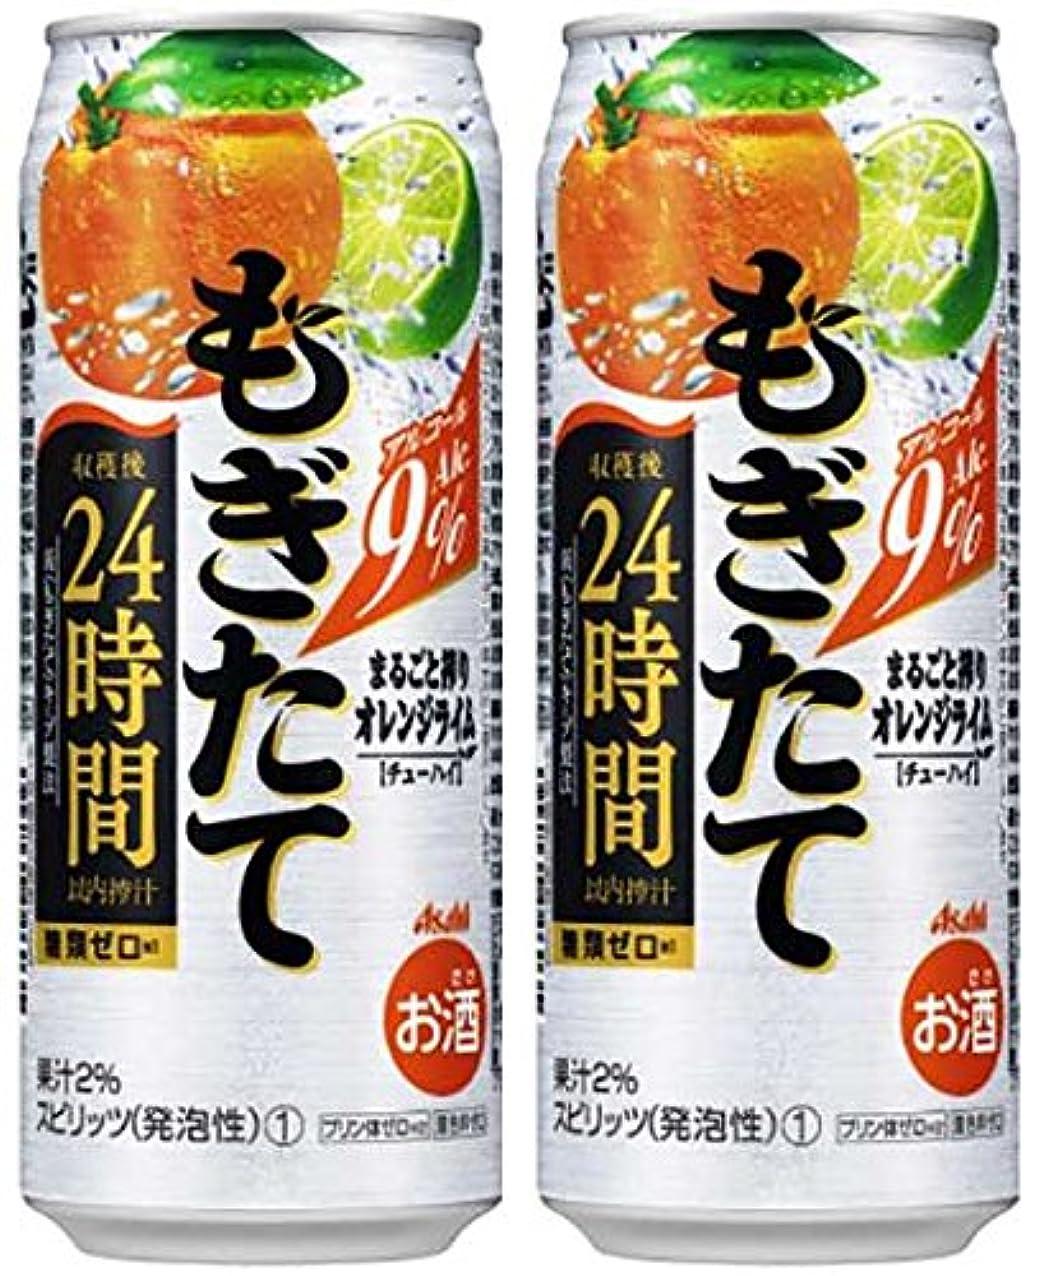 ワンダーアンティーク予防接種するアサヒ もぎたて まるごと搾り オレンジライム (500ml×24本)×2ケース